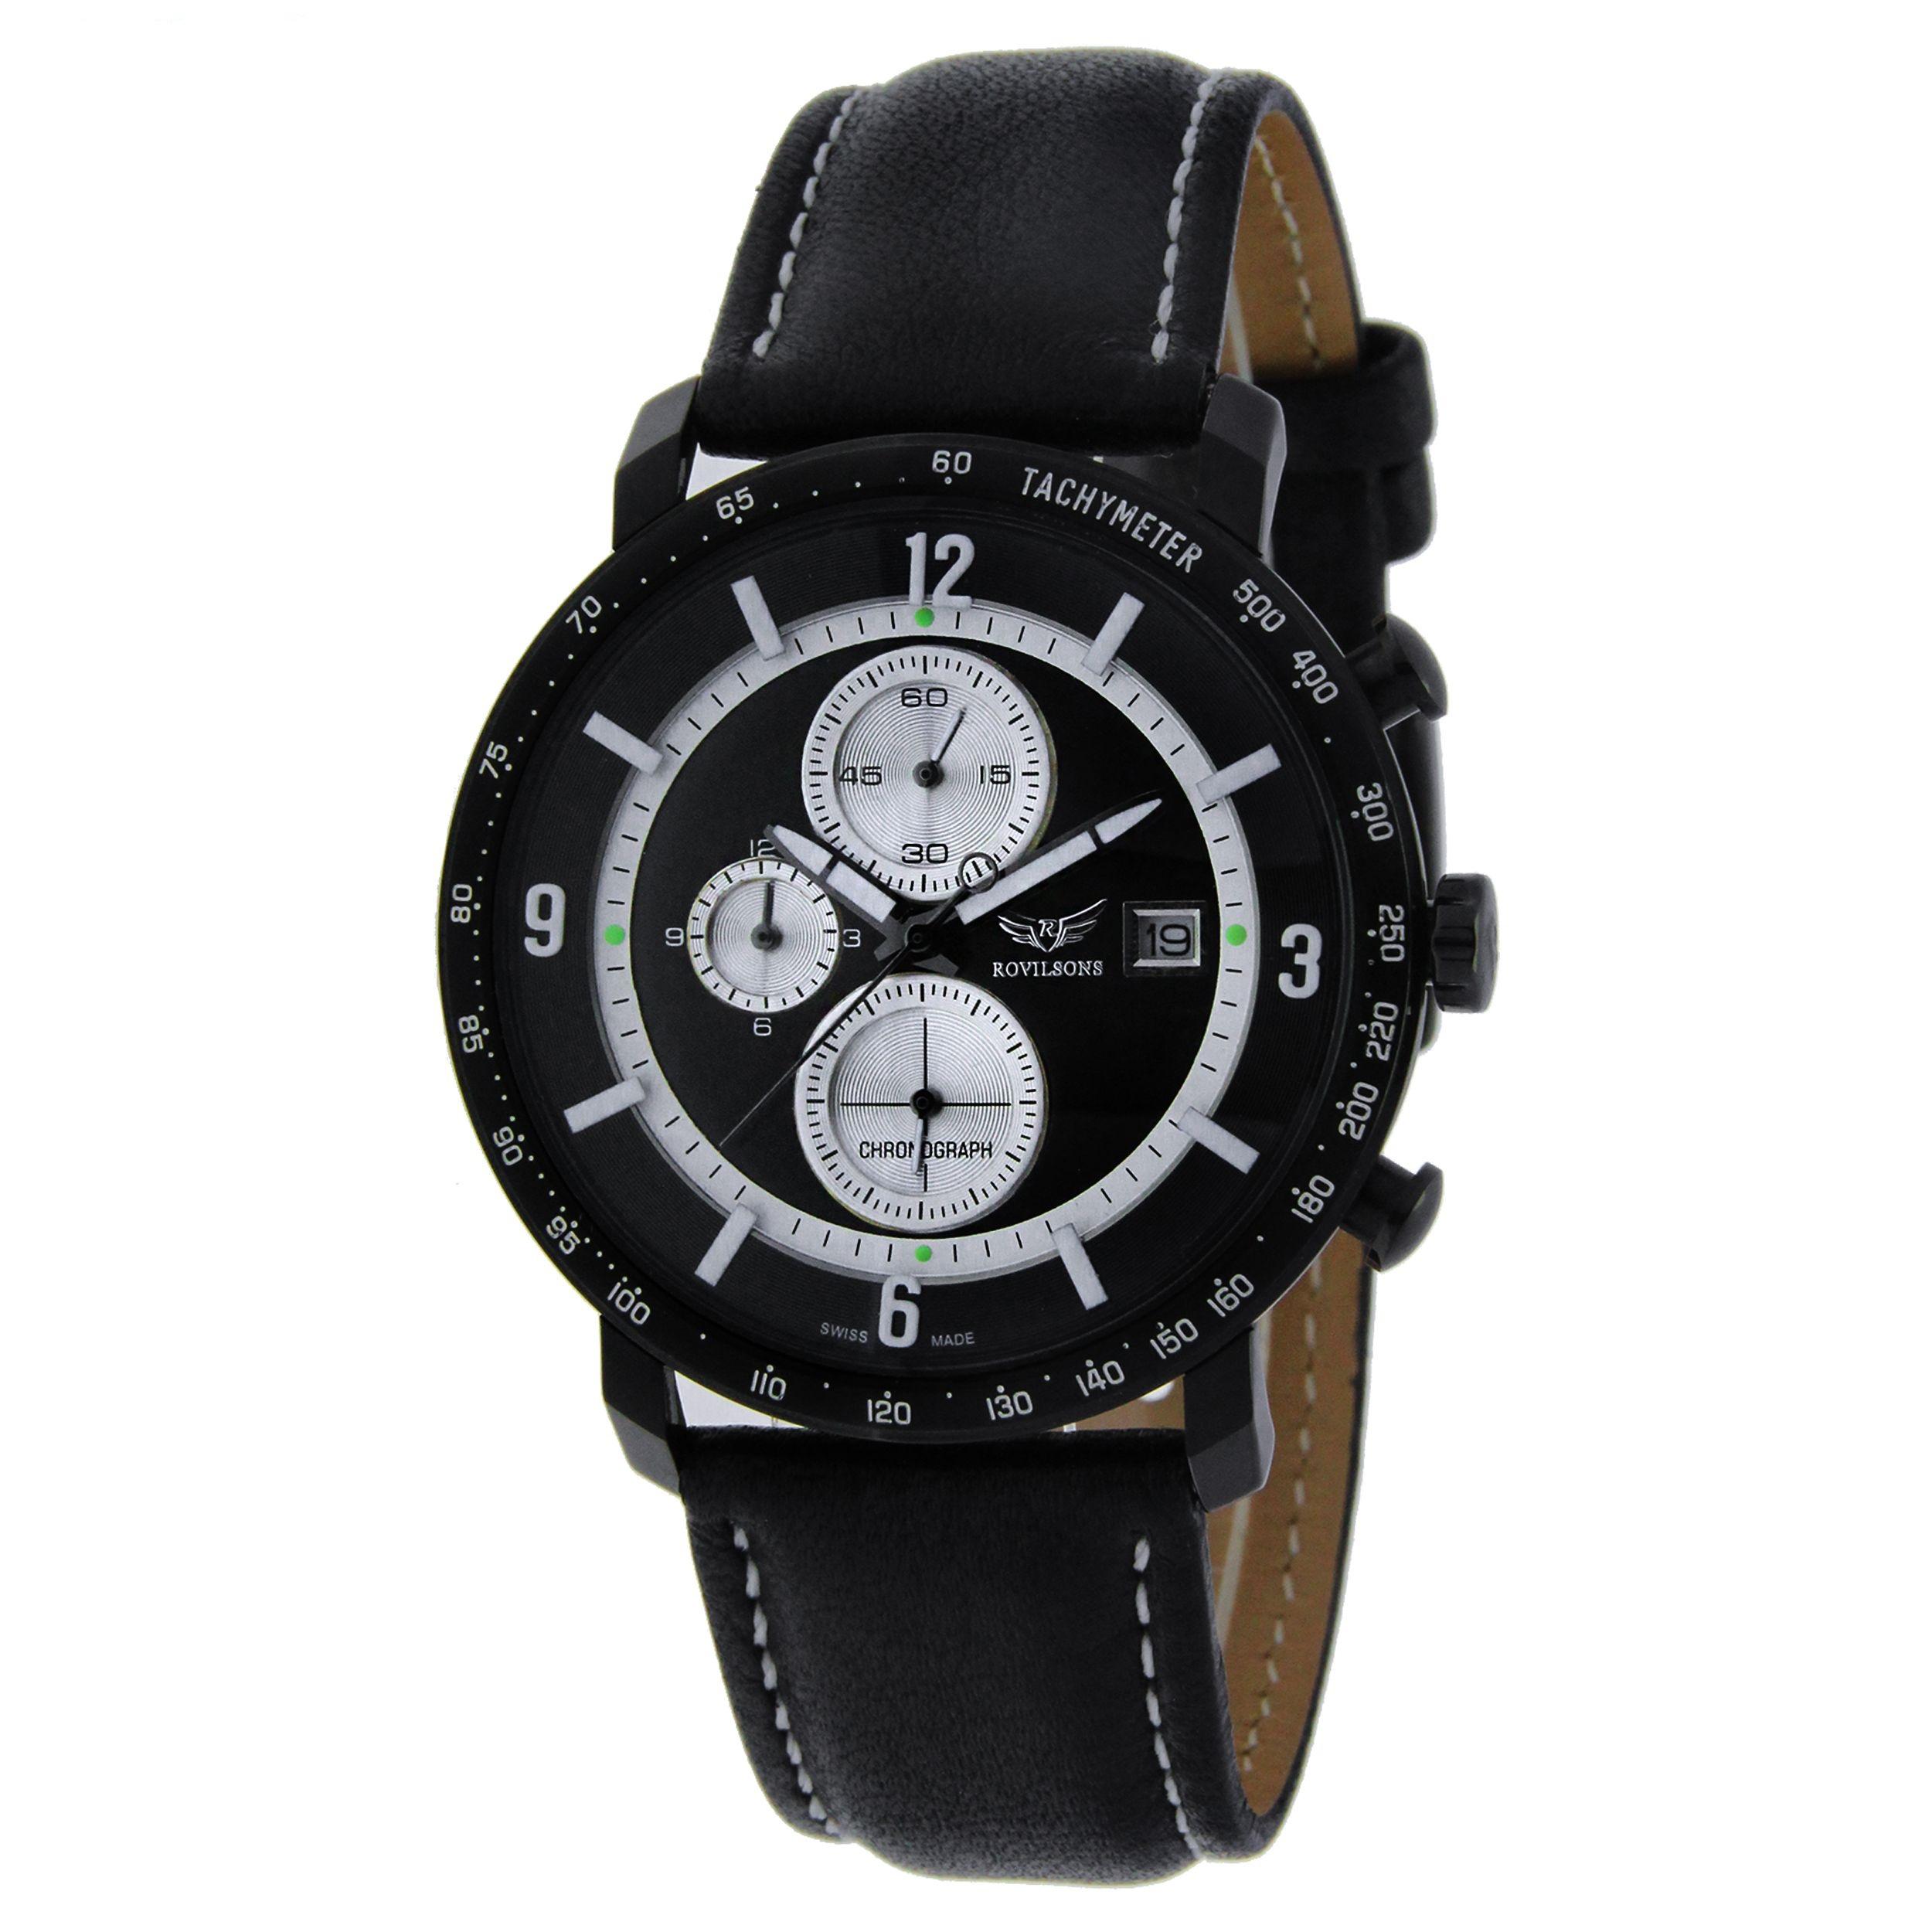 ساعت مچی عقربه ای مردانه راویلسون مدل RW-1062G-1 2